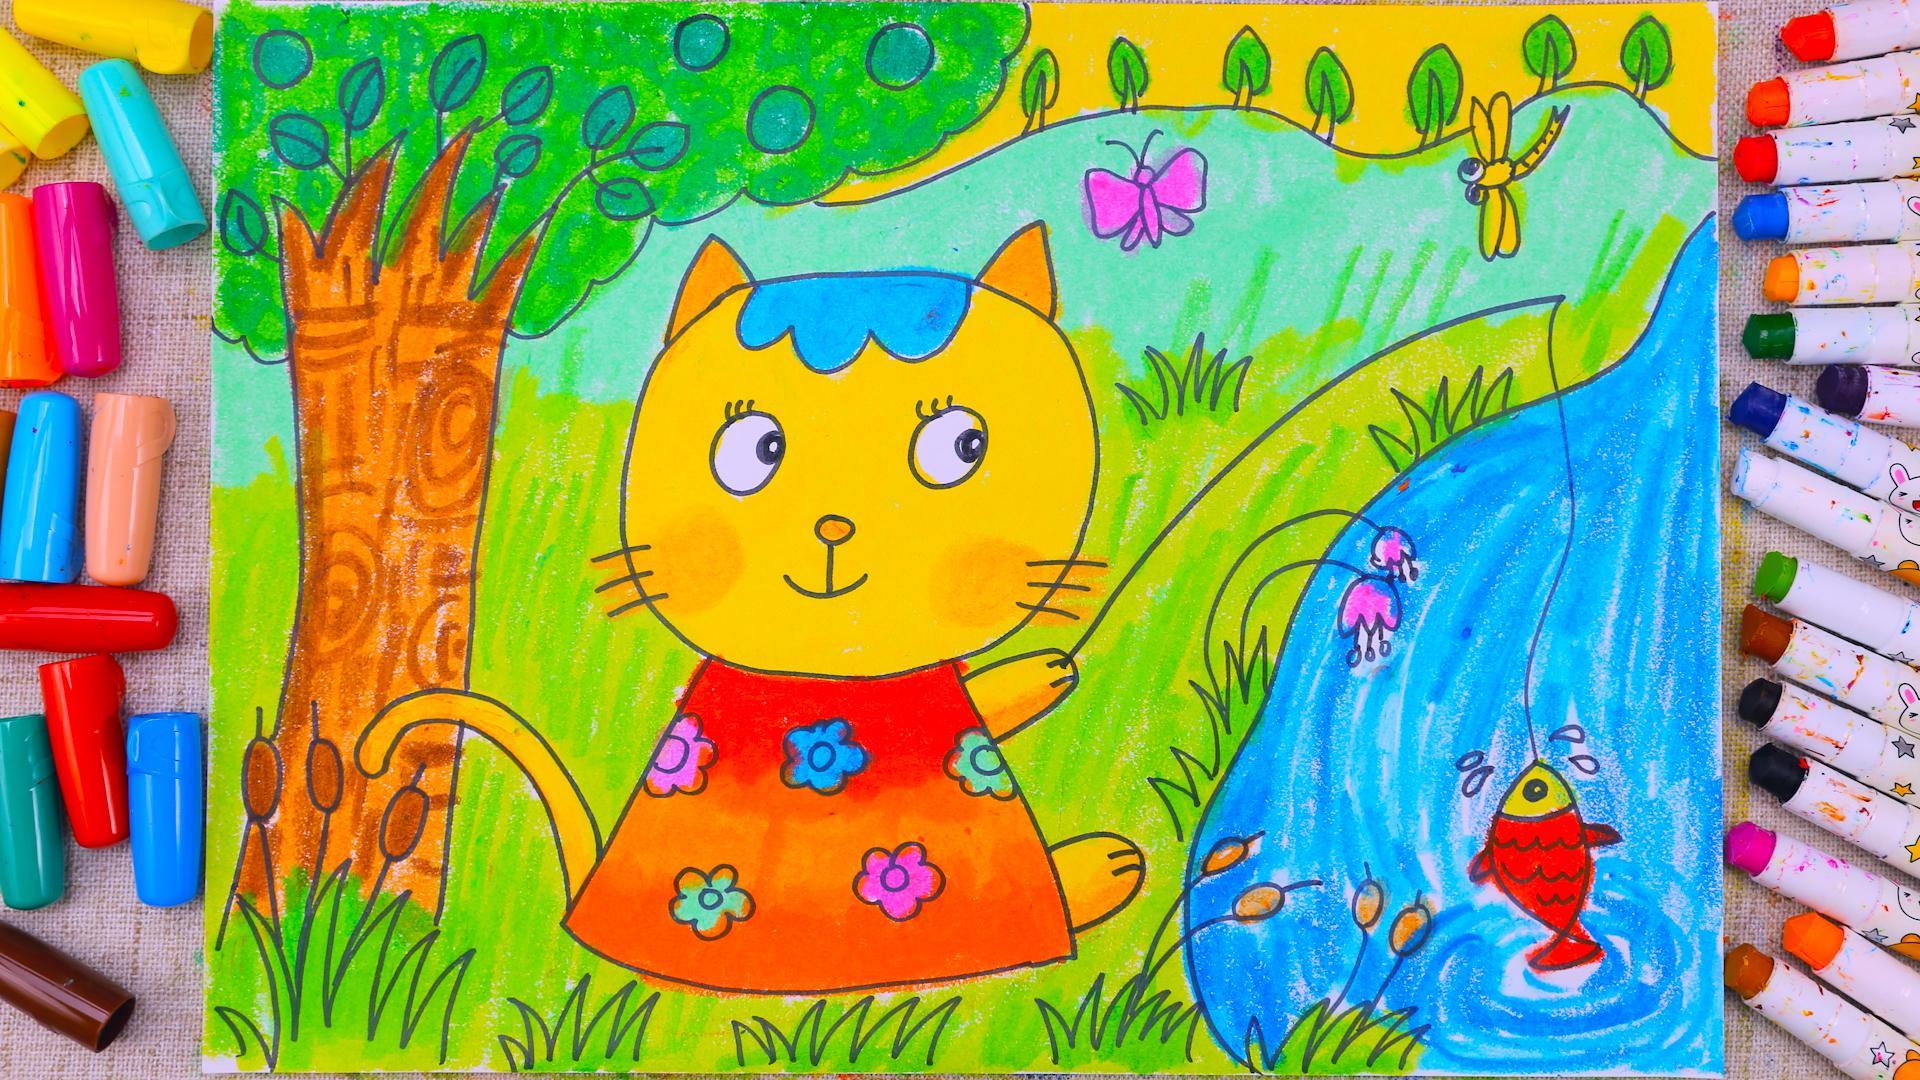 小爱的手作日记 儿童画小猫钓鱼-小爱的简笔画-淘趣工坊